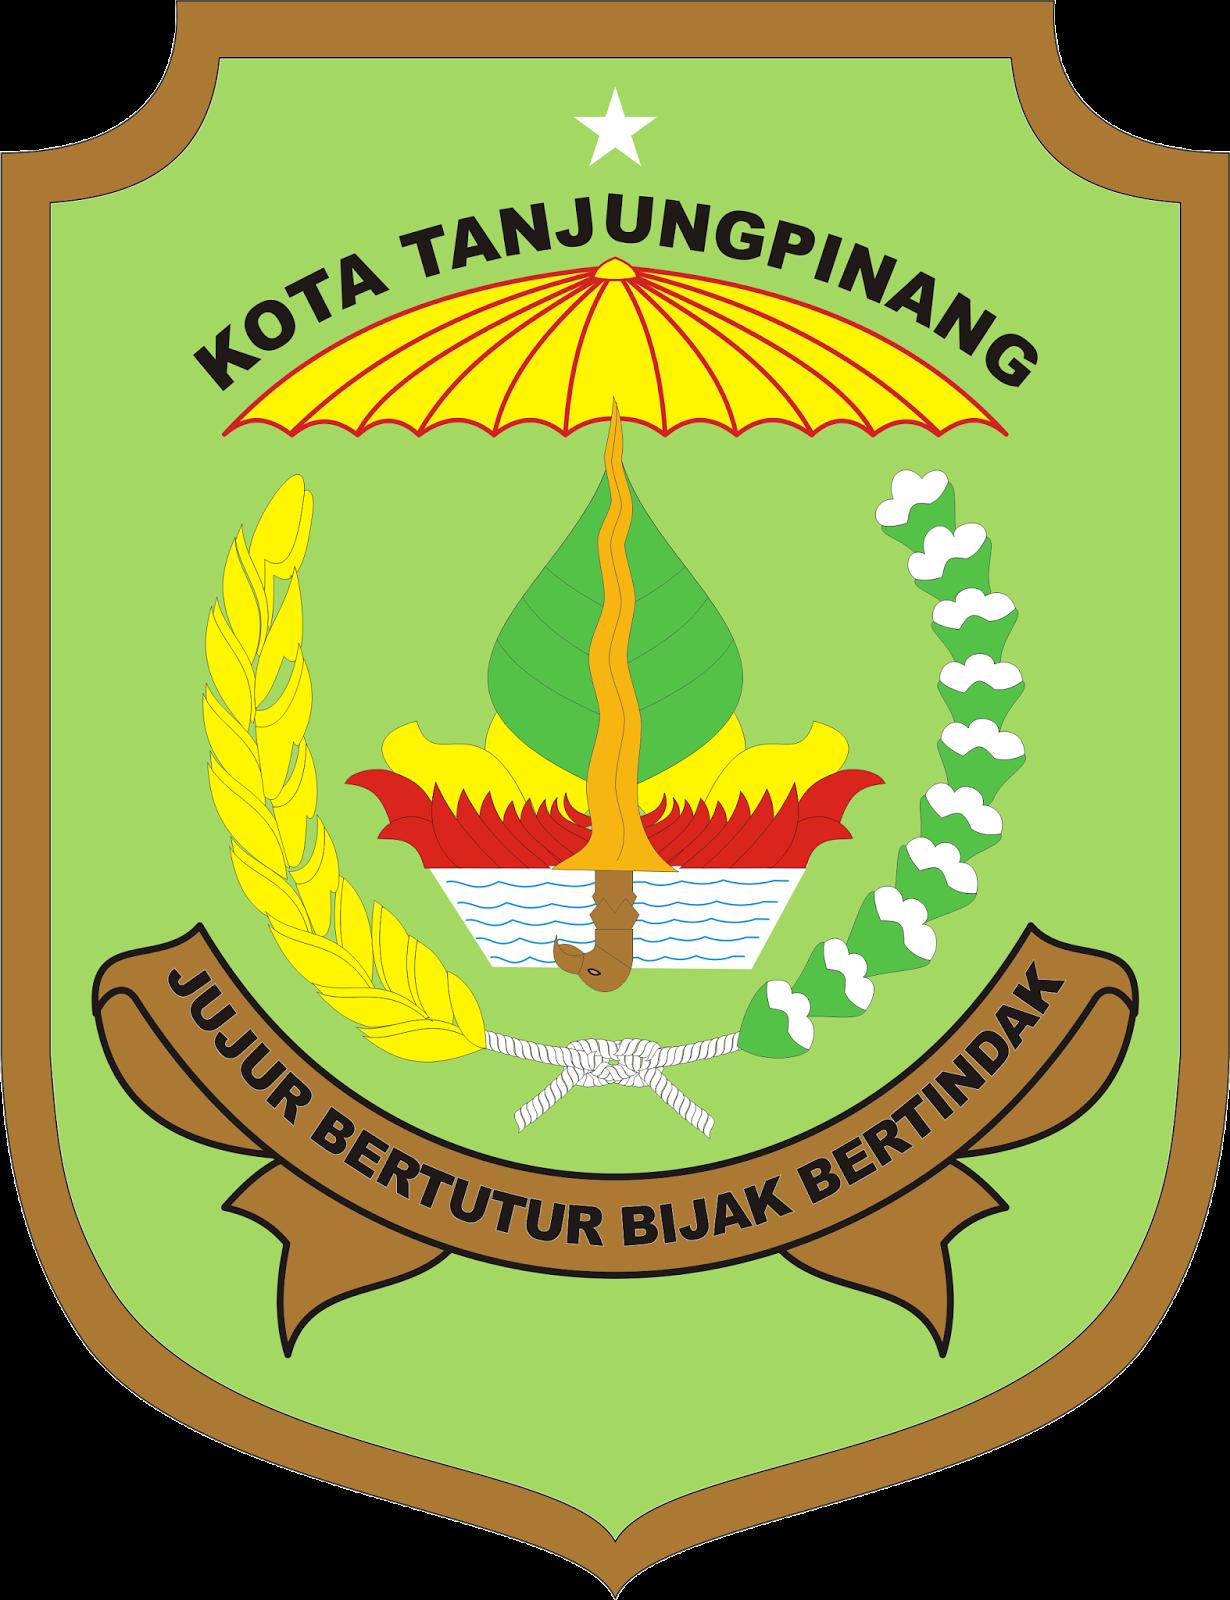 5. Kota Tanjung Pinang Kota, Bijak